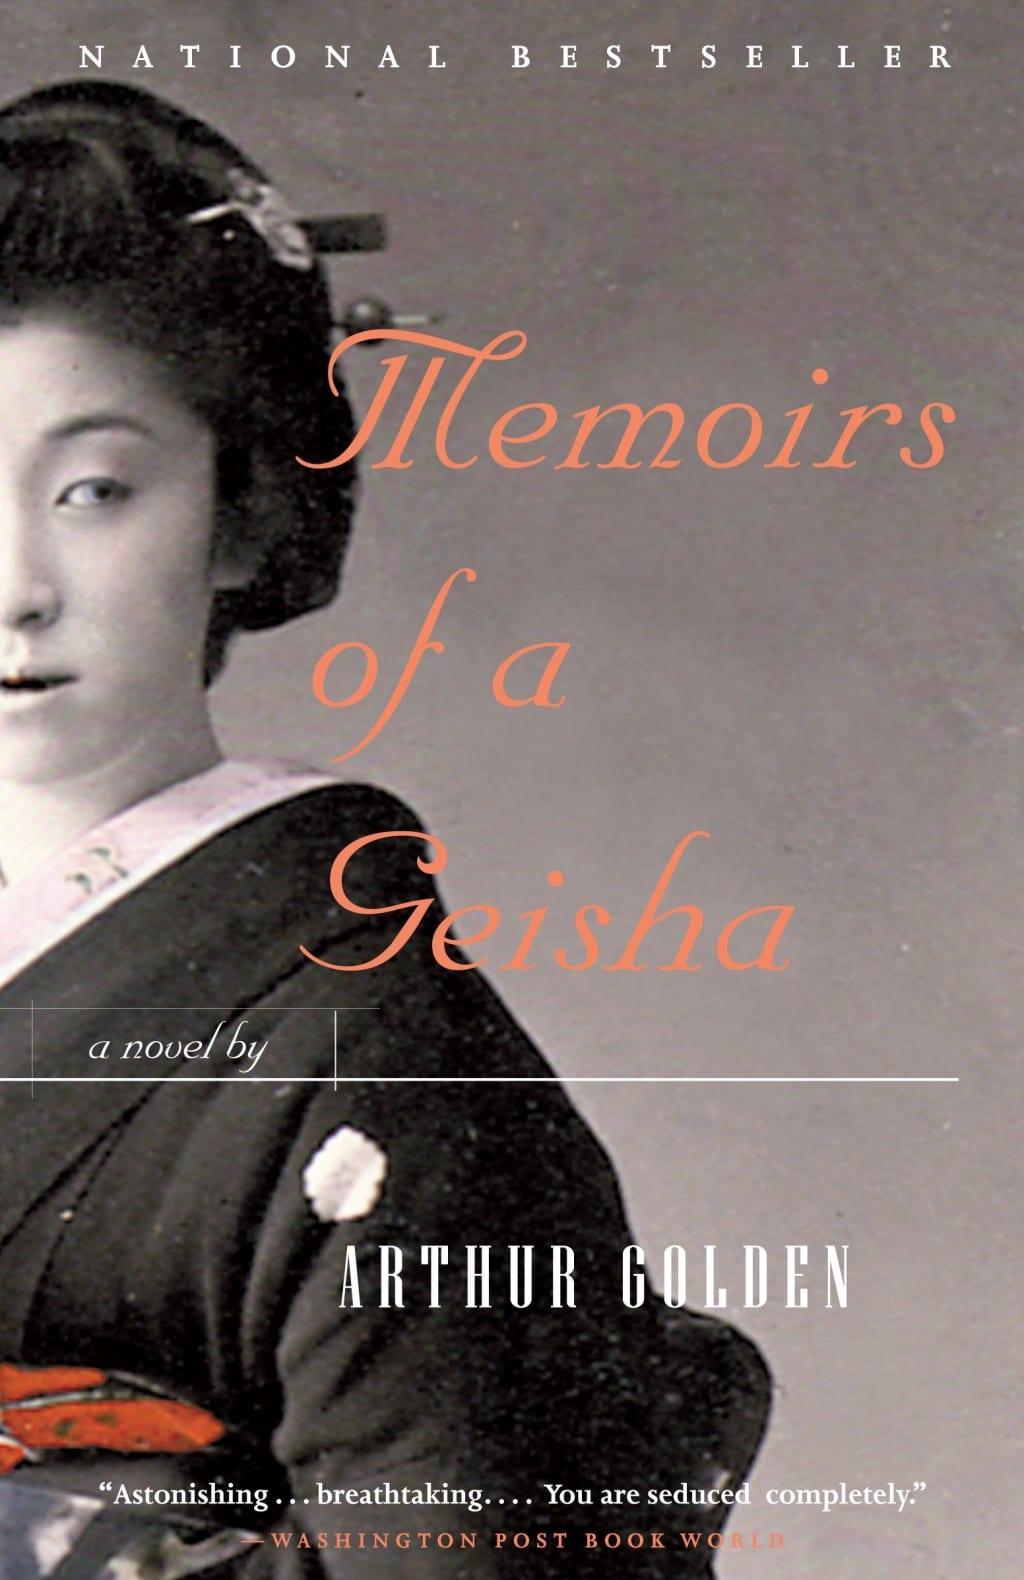 'Memoirs of a Geisha'